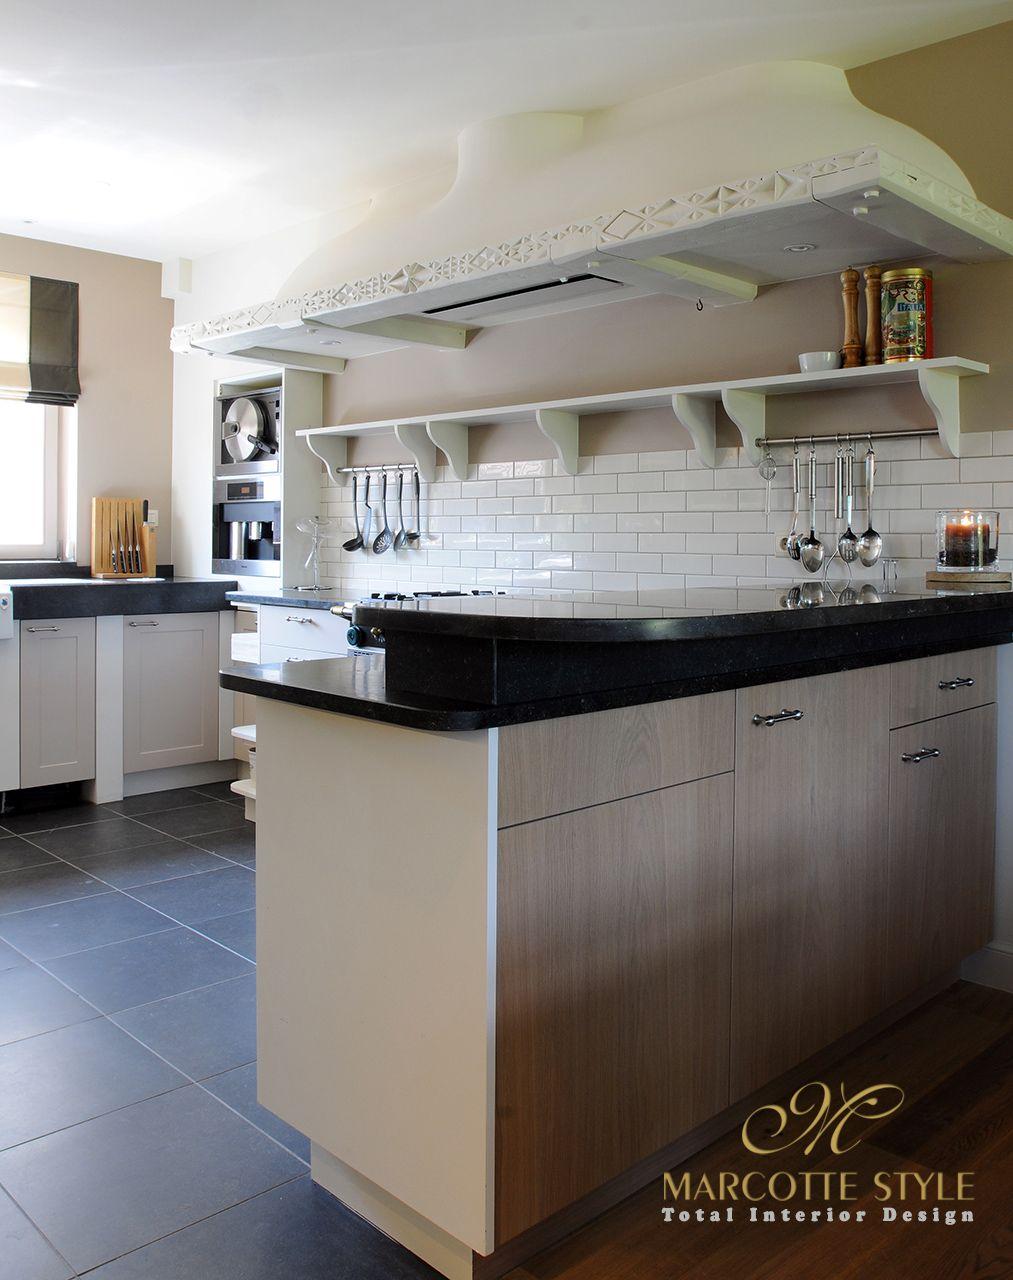 Die schönsten küchen - Marcotte Style